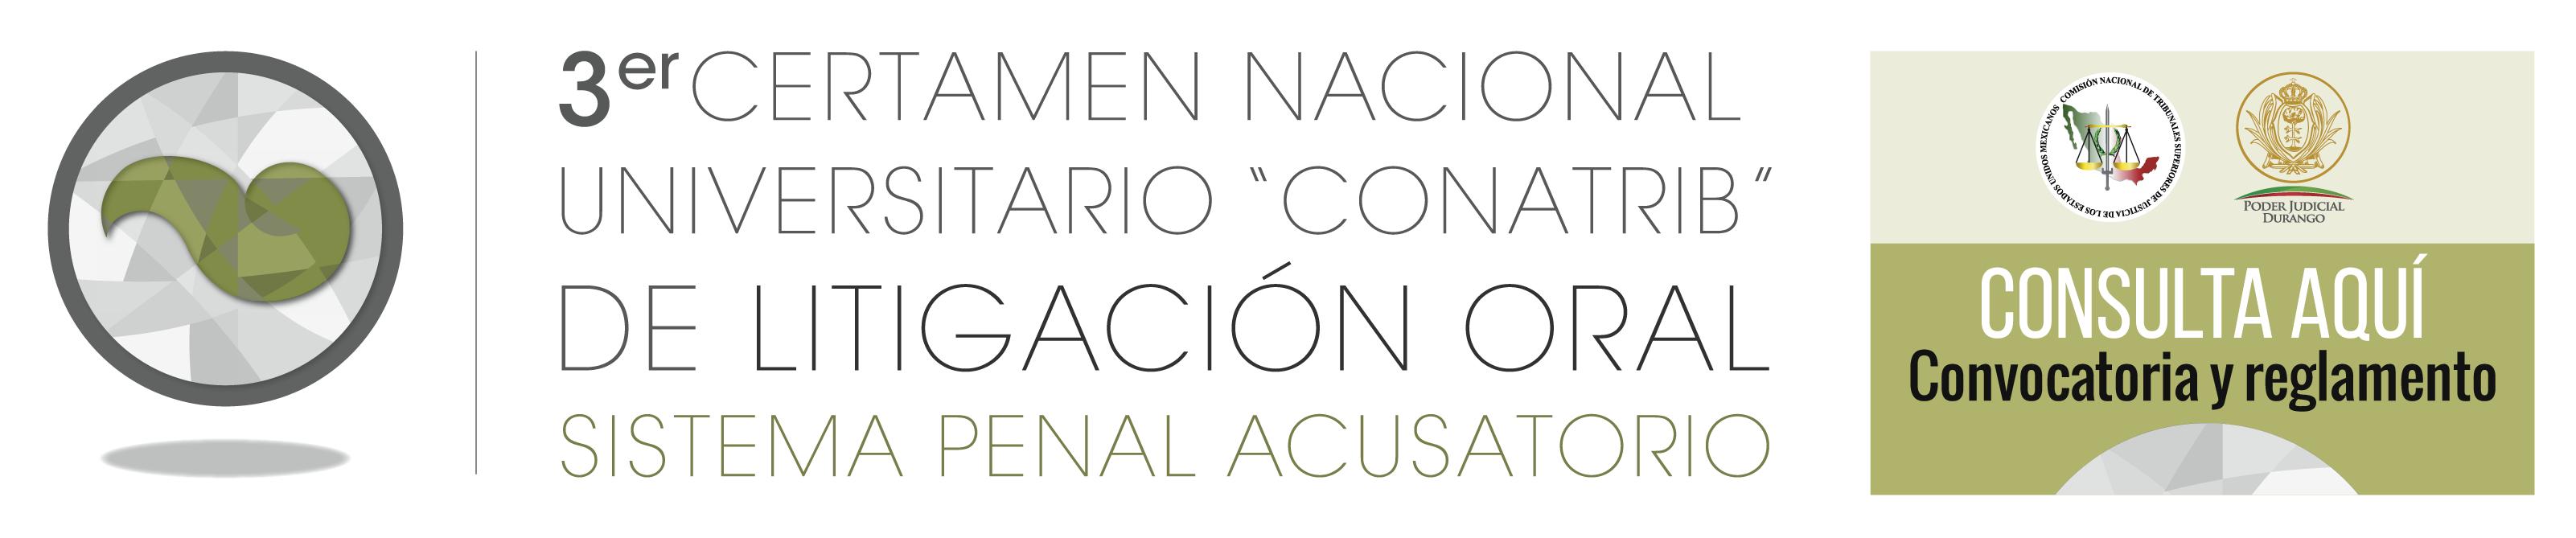 3er. Certamen Nacional Universitario CONATRIB de Litigación Oral